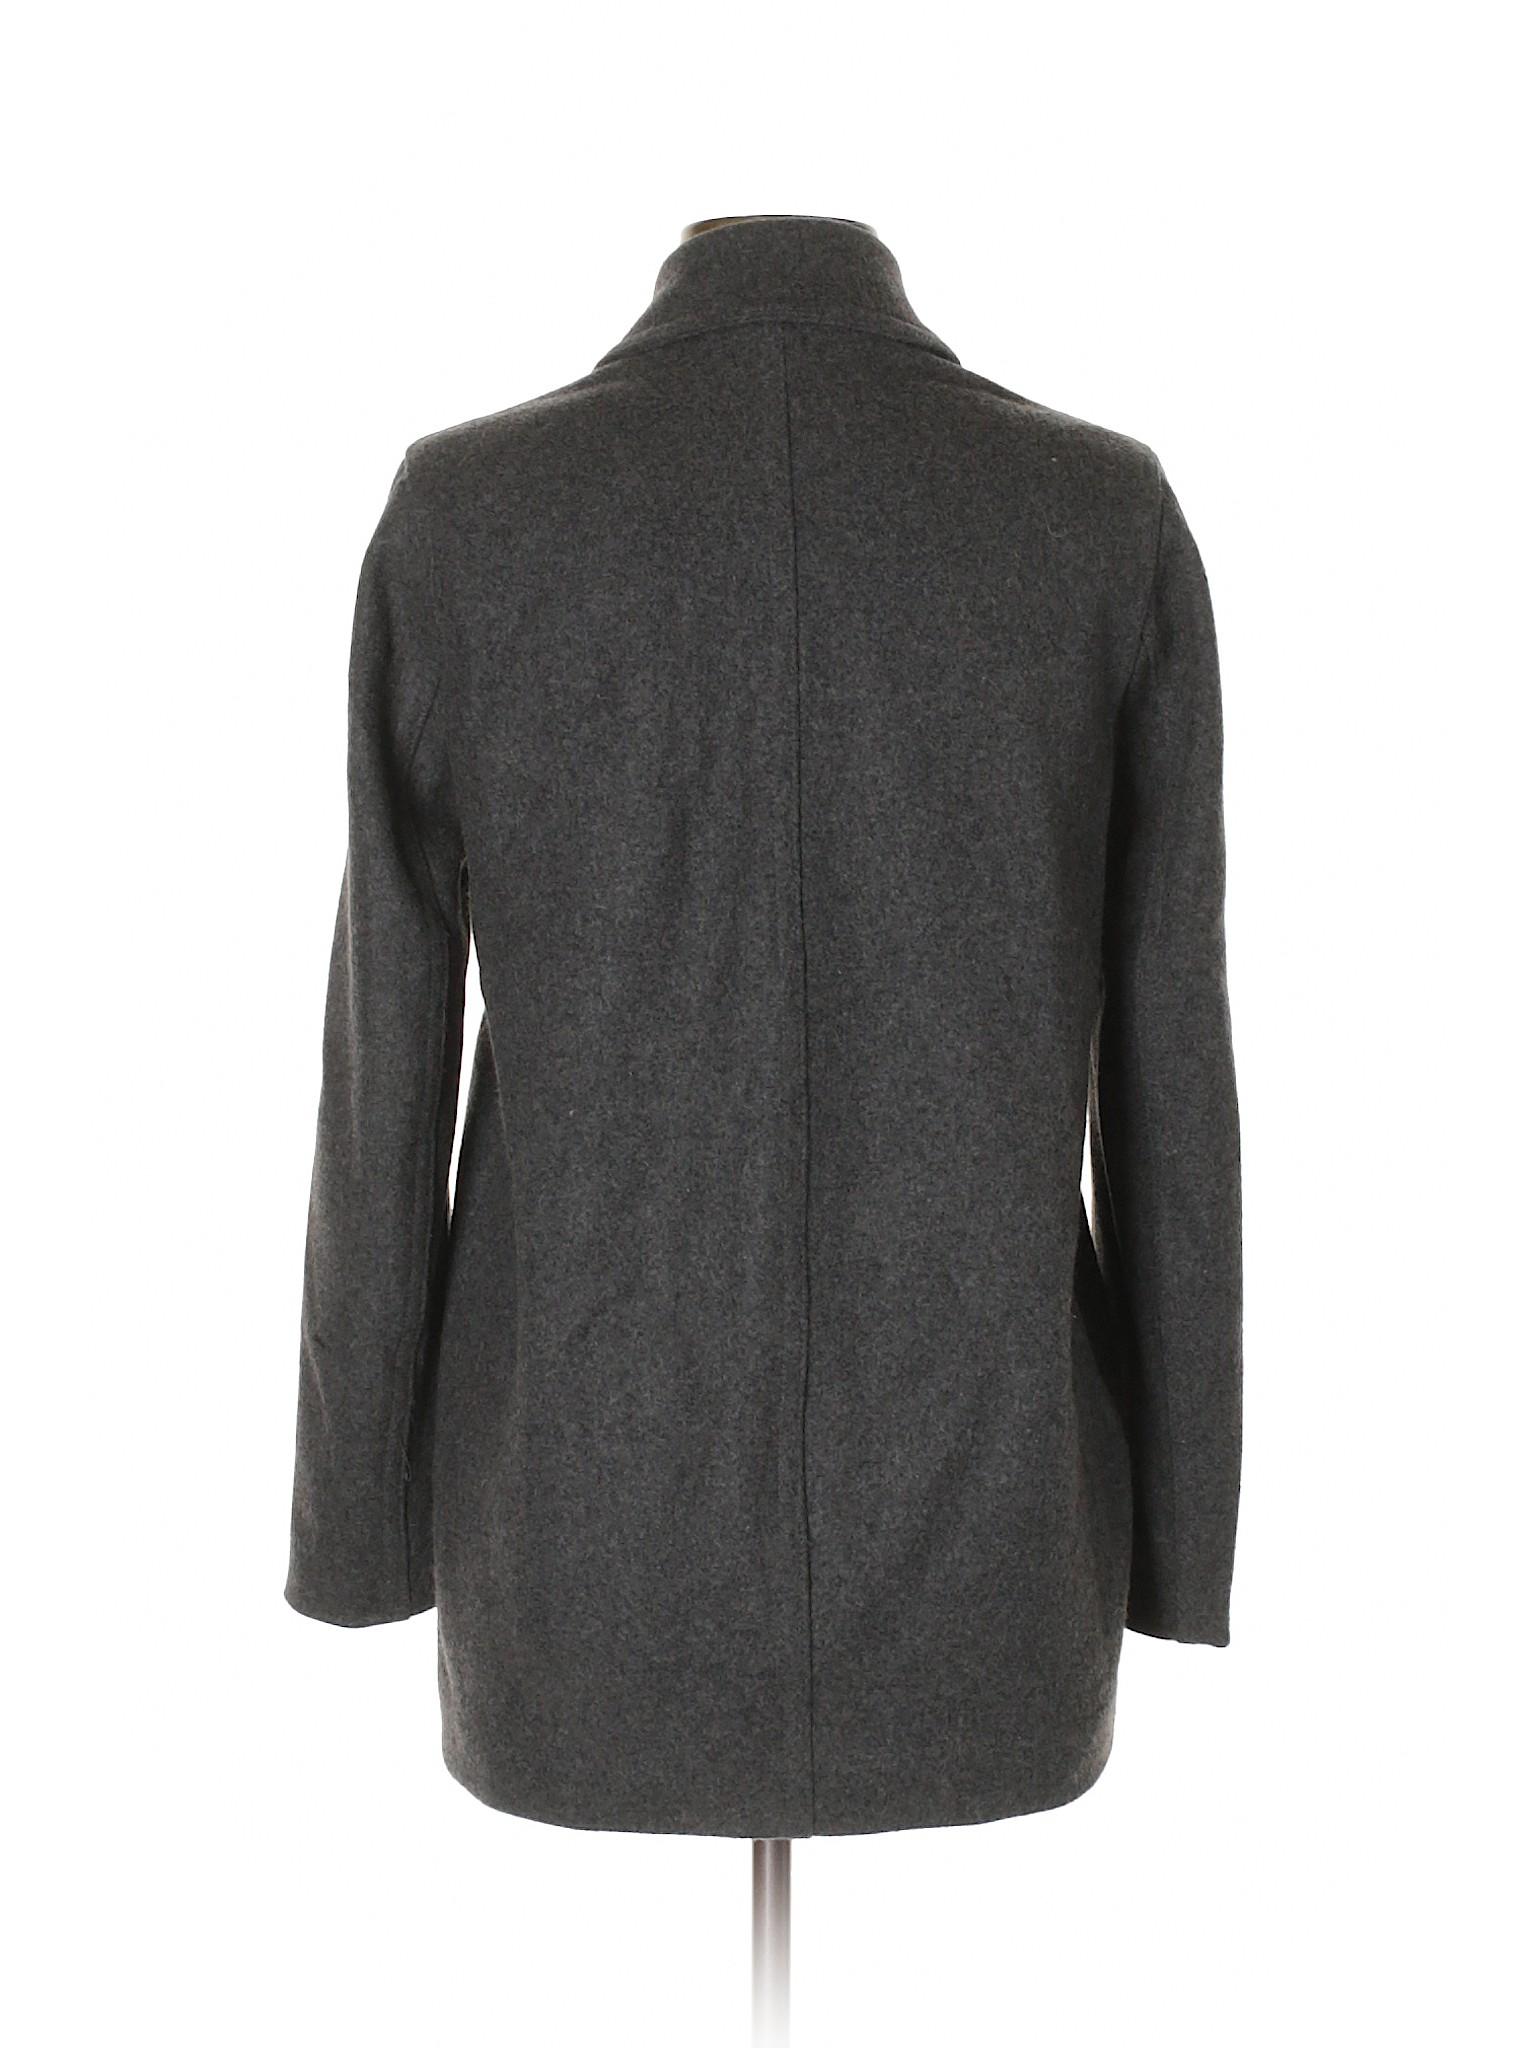 Gap leisure Gap Boutique leisure Coat Boutique Wool BfgZgq